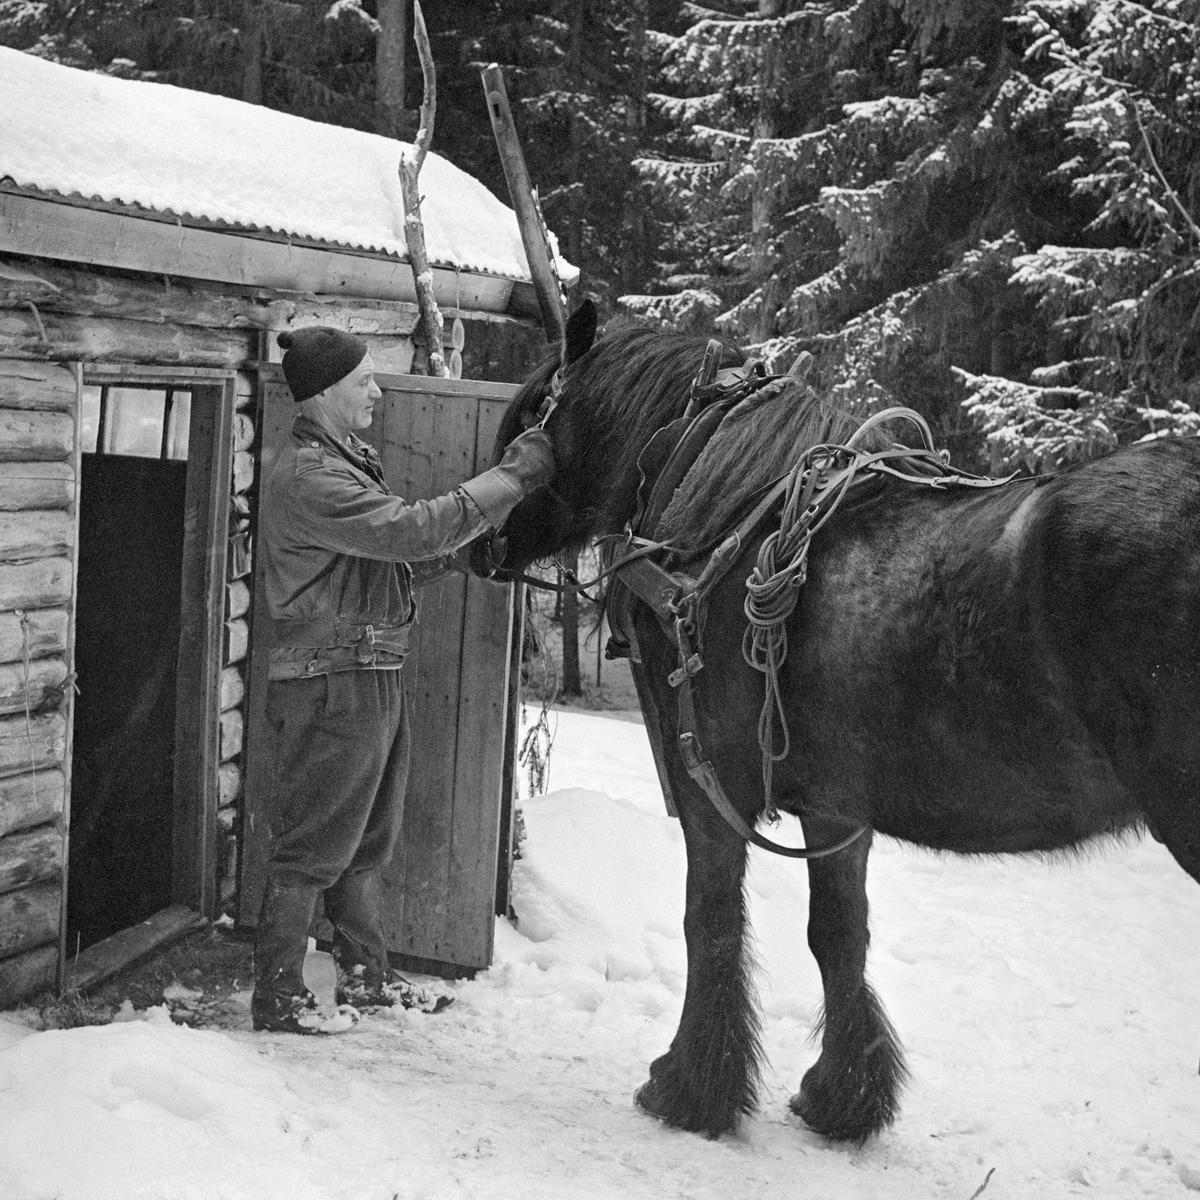 Tømmerkjøring, Svartholtet, Elverum, Hedmark. Tømmerkjører Johan Rasch (1916-2009) med dølahesten sin foran døra til stallen ved Smaltjernskoia i Svartholtet i Elverum. (Foto/Photo)